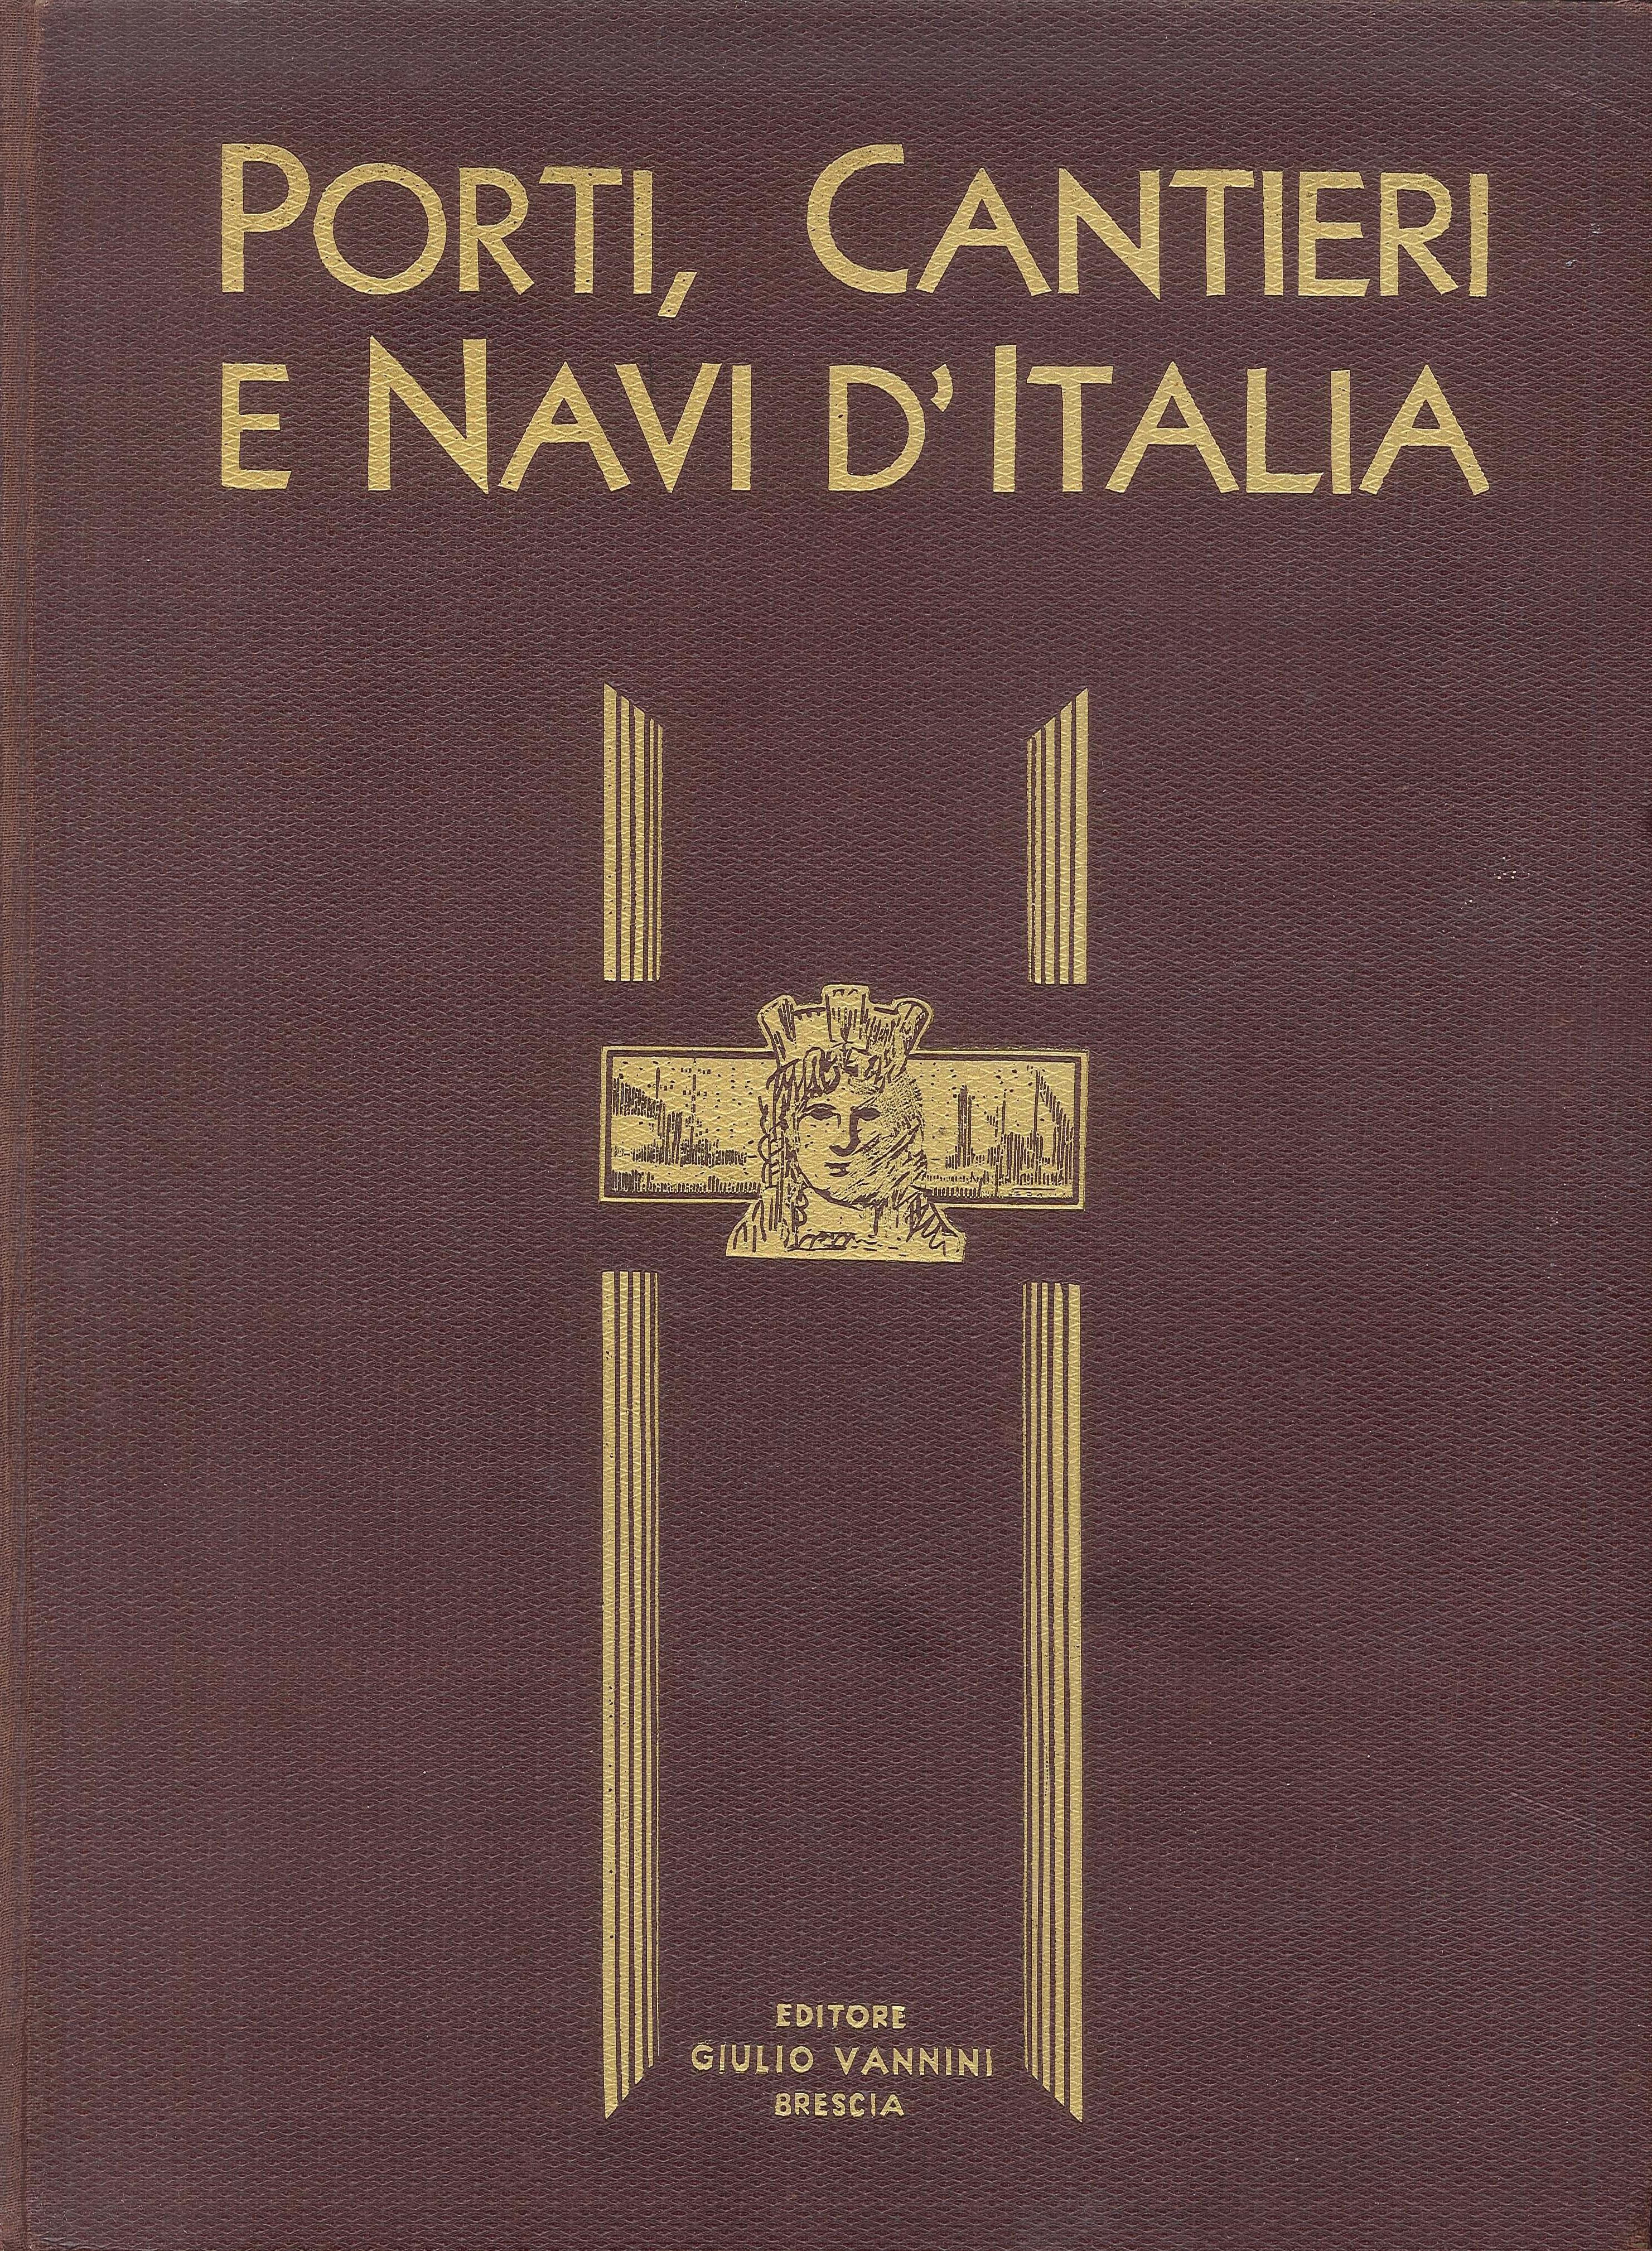 Porti, cantieri e navi d'italia.